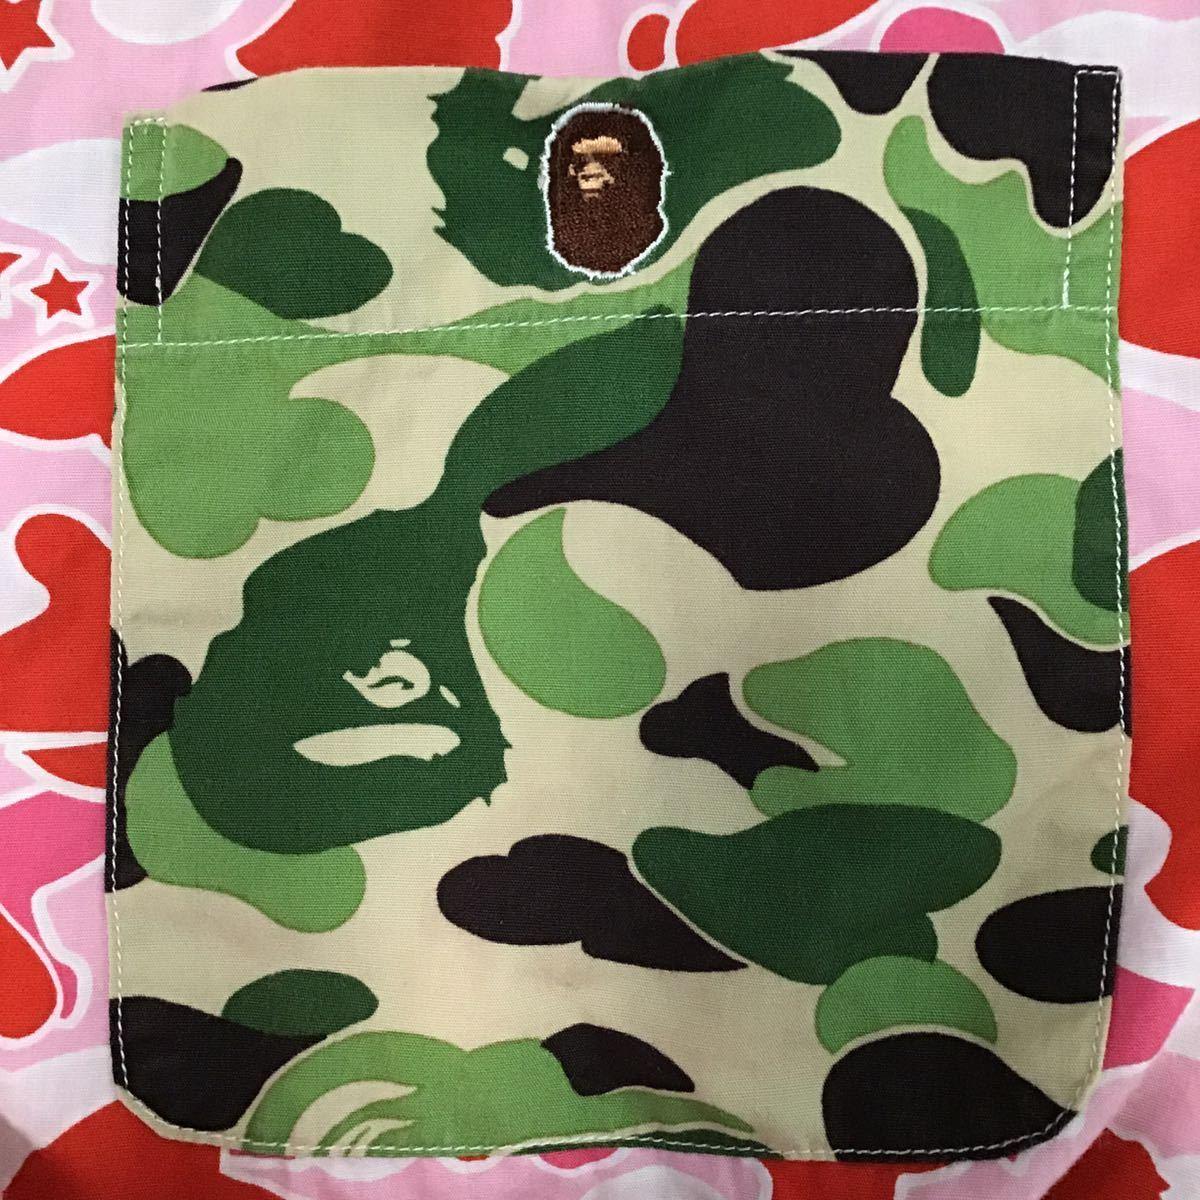 crazy camo 半袖シャツ Sサイズ a bathing ape BAPE ABC camo sta camo psyche エイプ ベイプ アベイシングエイプ 迷彩 ABCカモ 9969